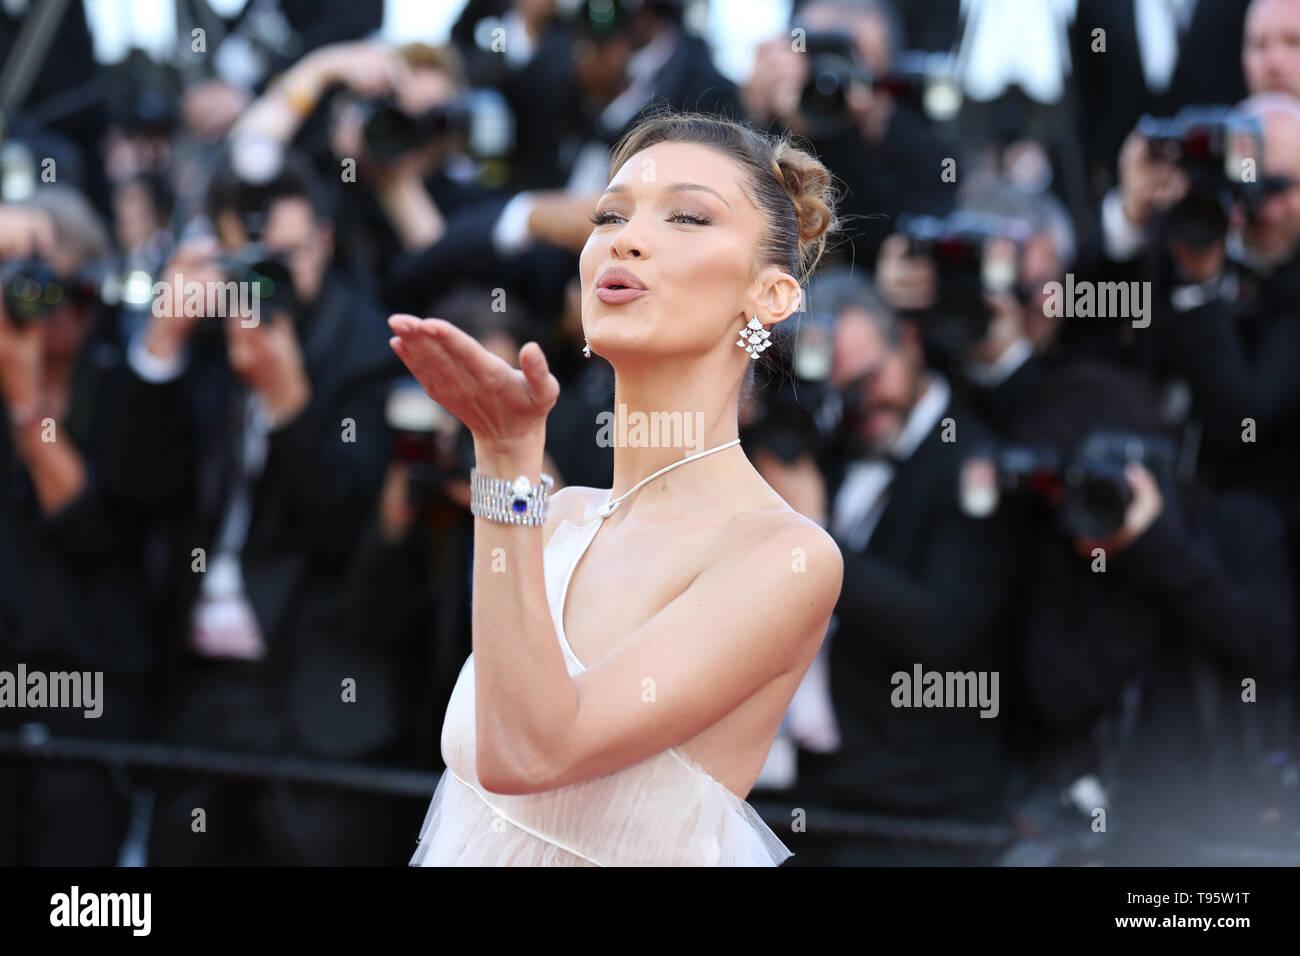 CANNES, FRANCE - 16 MAI: Bella Hadid assiste à la projection de 'Rocket Man' au cours de la 72e Festival de Cannes (Credit: Mickael Chavet/Projet Daybreak/Alamy Live News) Banque D'Images